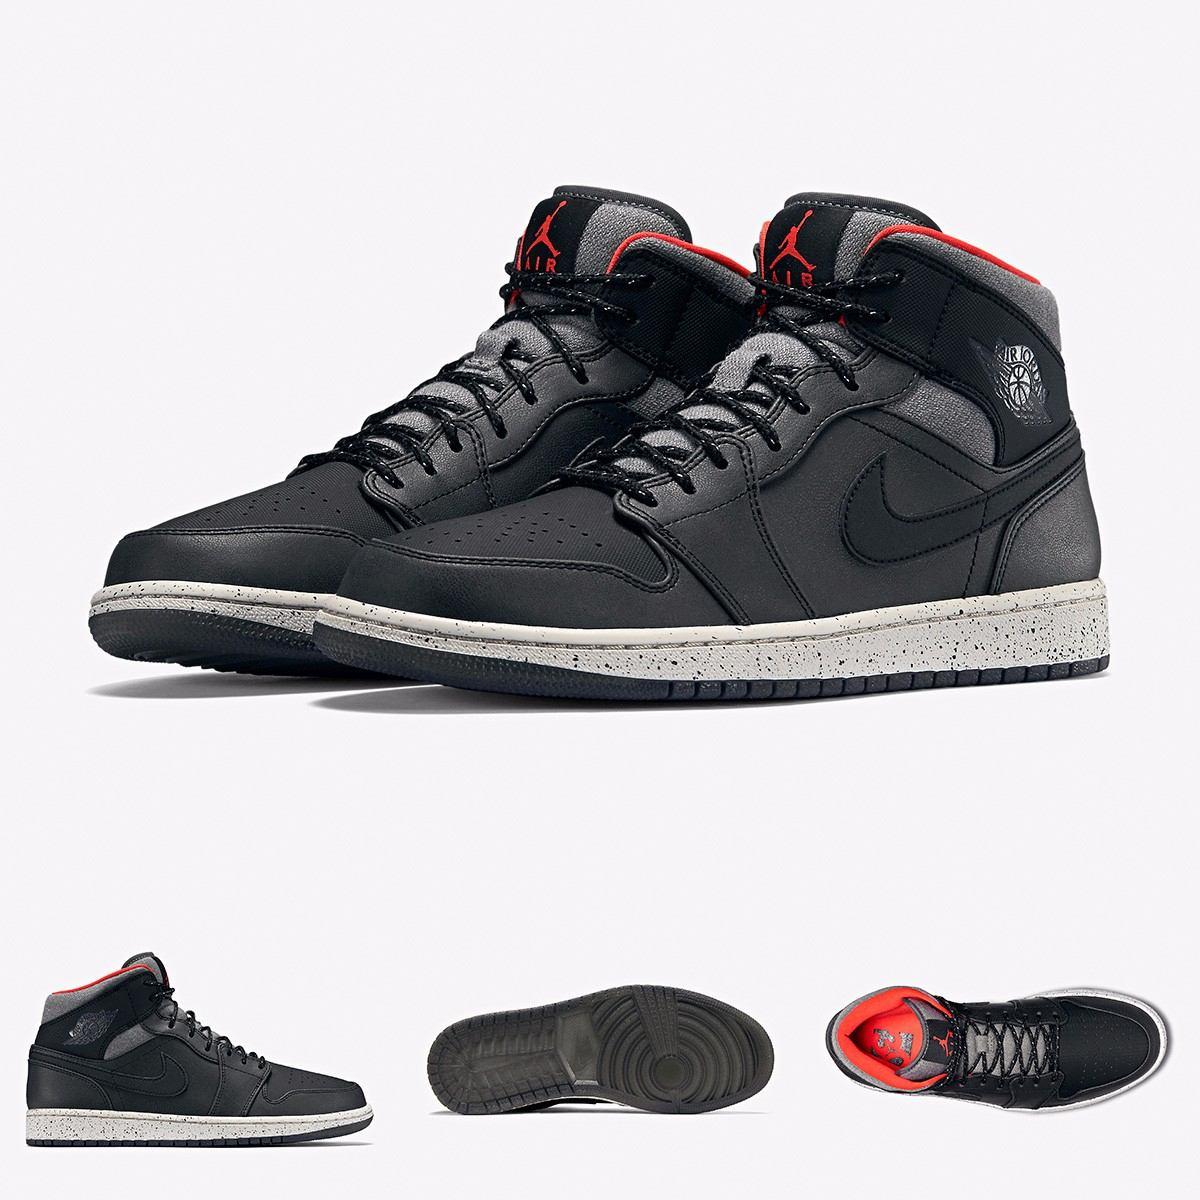 6dec152ab89 ... zapatillas nike air jordan 1 retro black cement original. Cargando zoom.